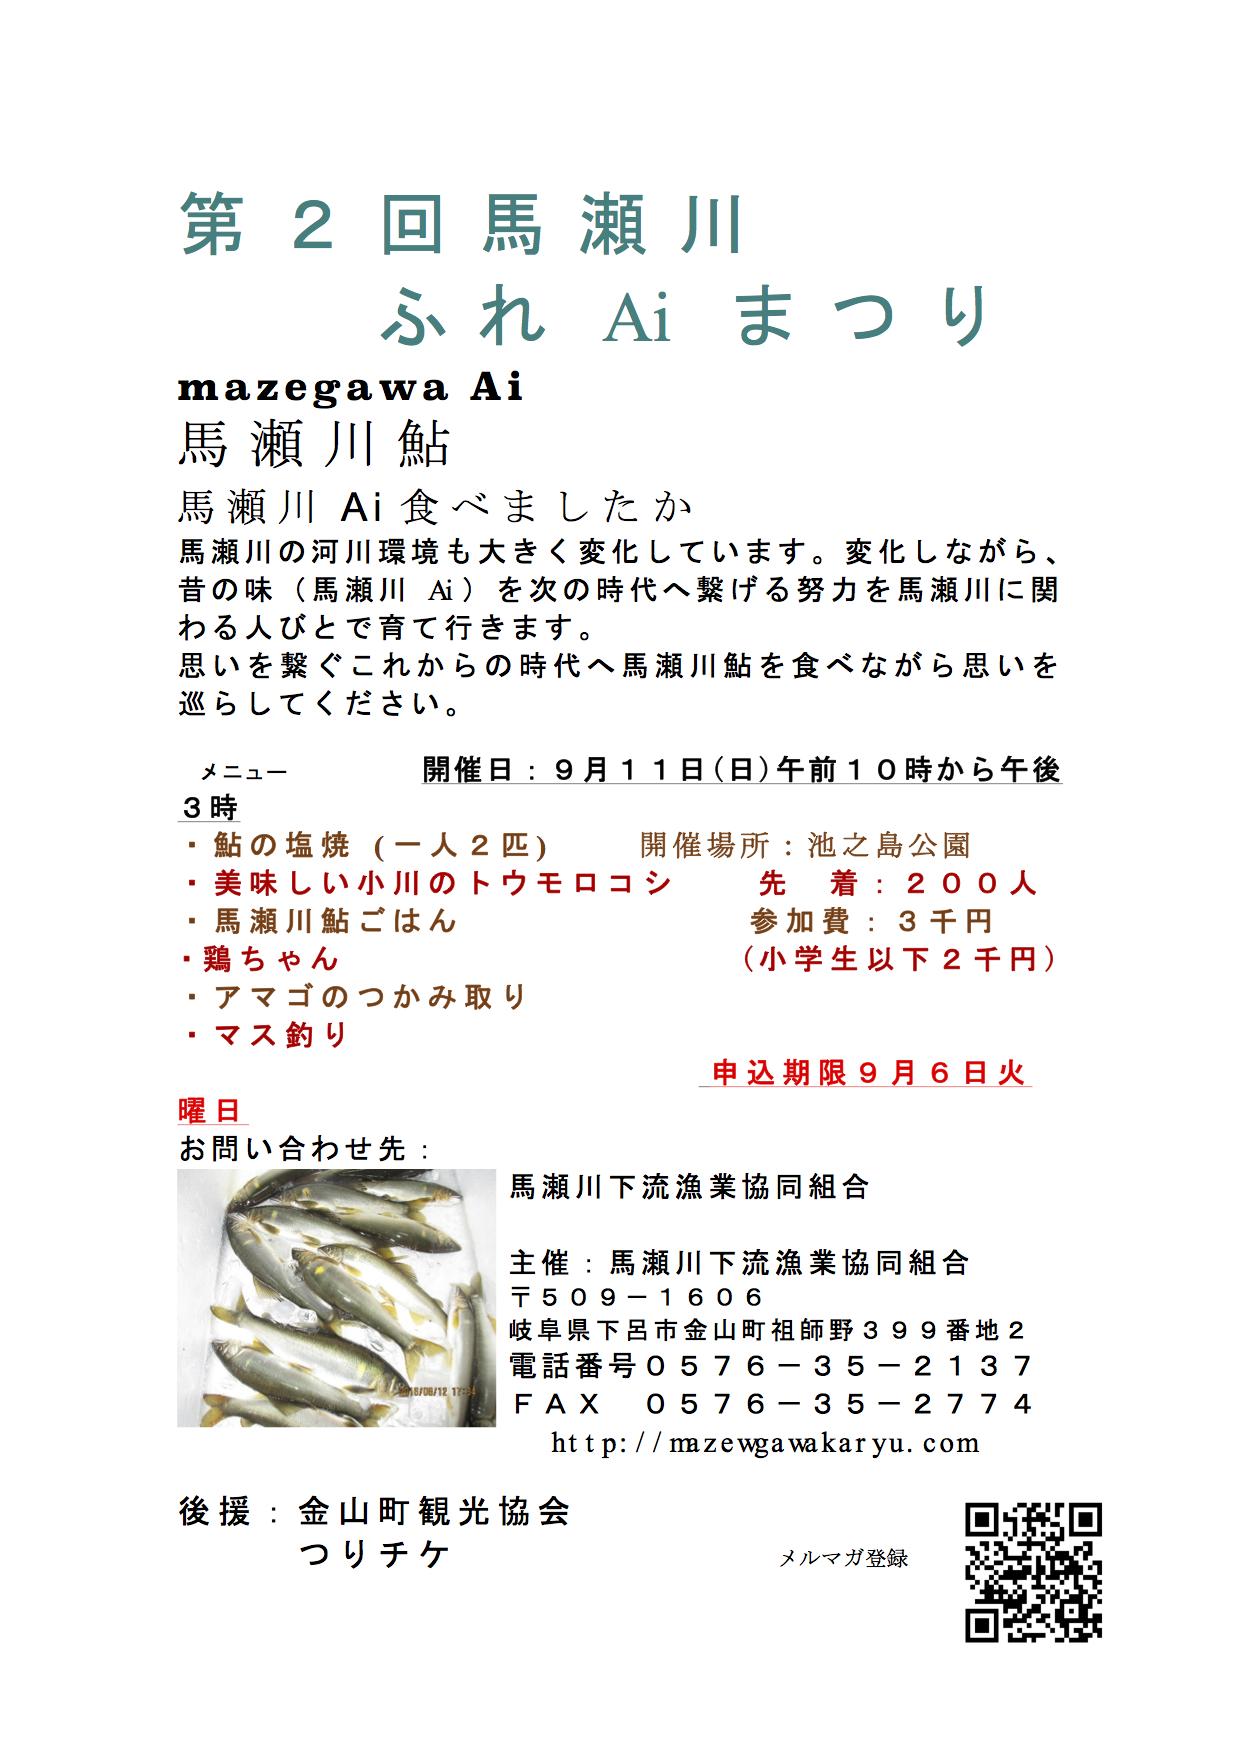 岐阜県・馬瀬川下流漁協が「馬瀬川ふれAiまつり」開催